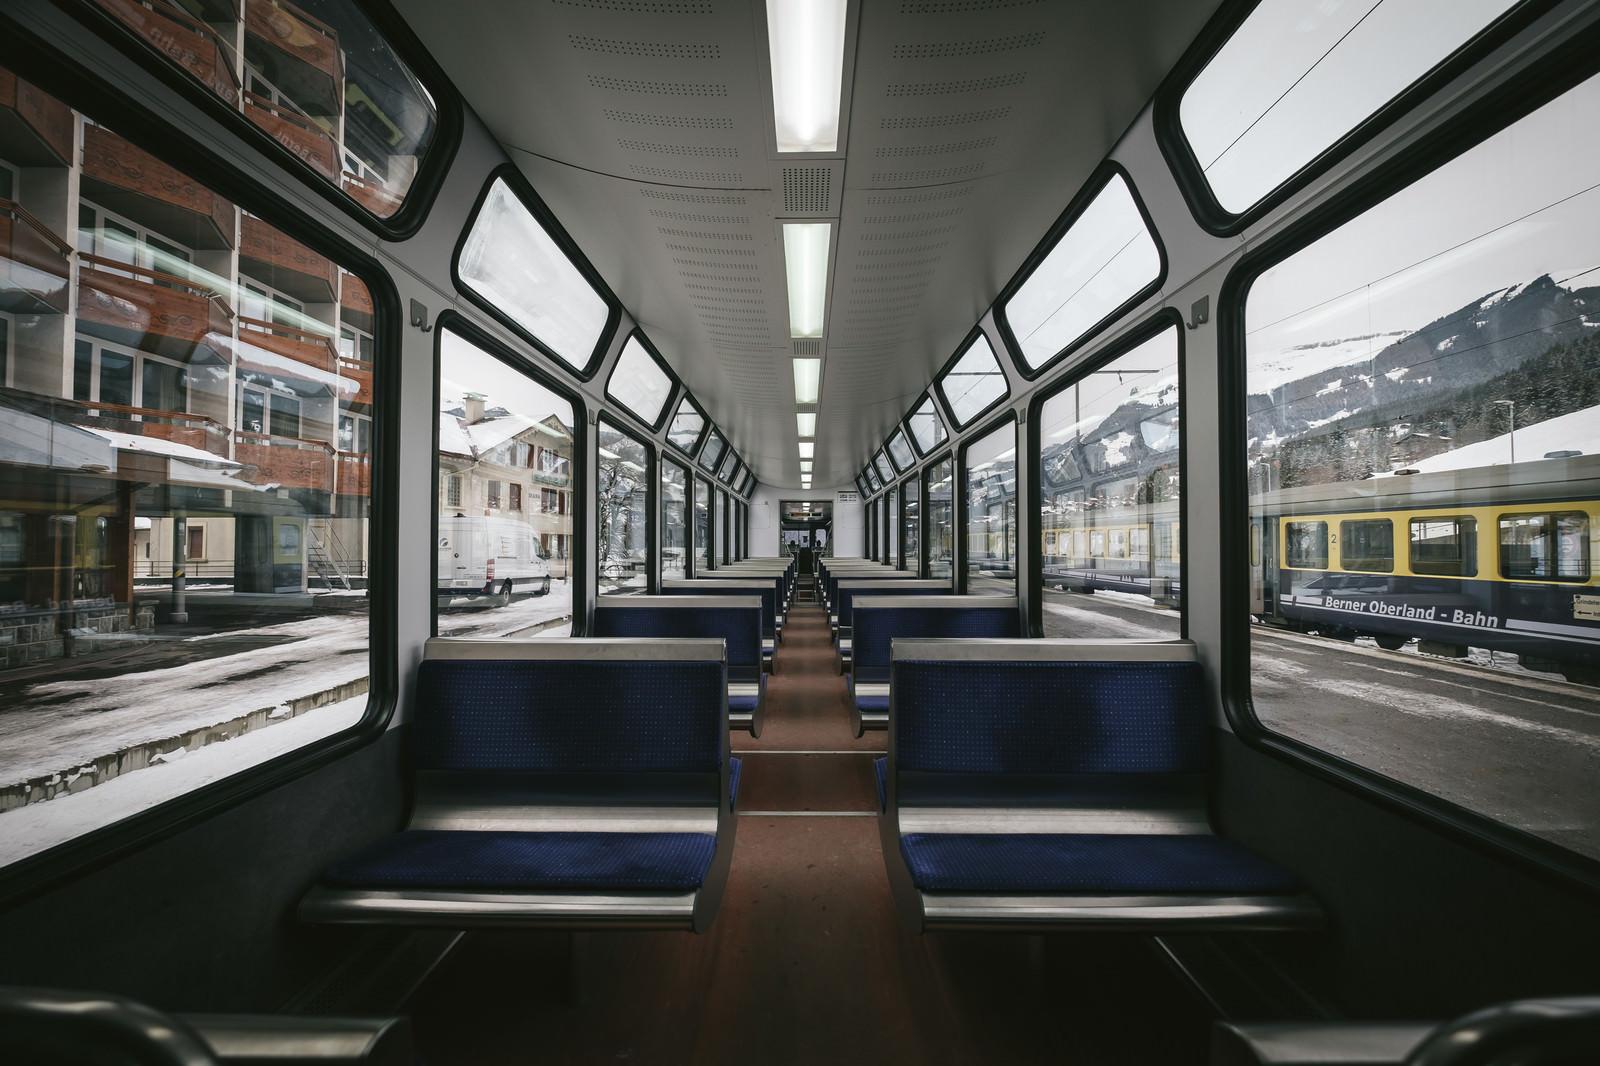 「グリンデルワルトを走行する電車内グリンデルワルトを走行する電車内」のフリー写真素材を拡大